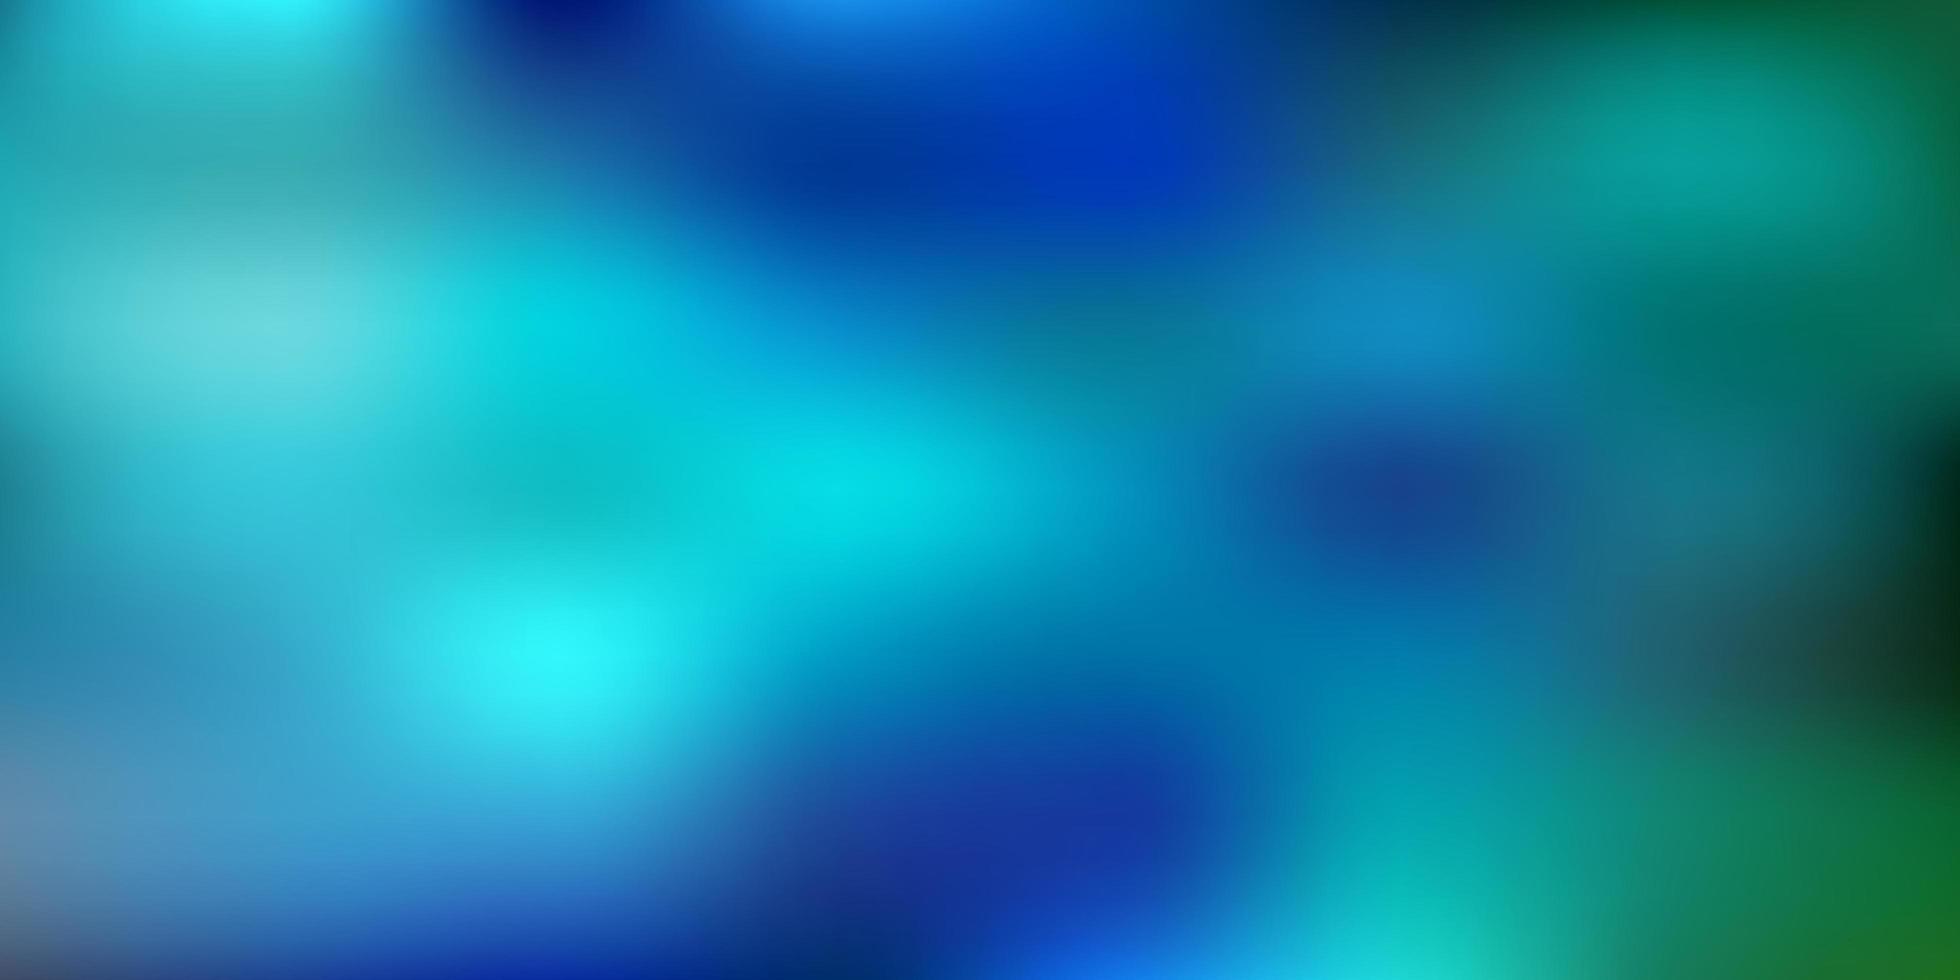 dibujo de desenfoque degradado vectorial azul claro, verde. vector